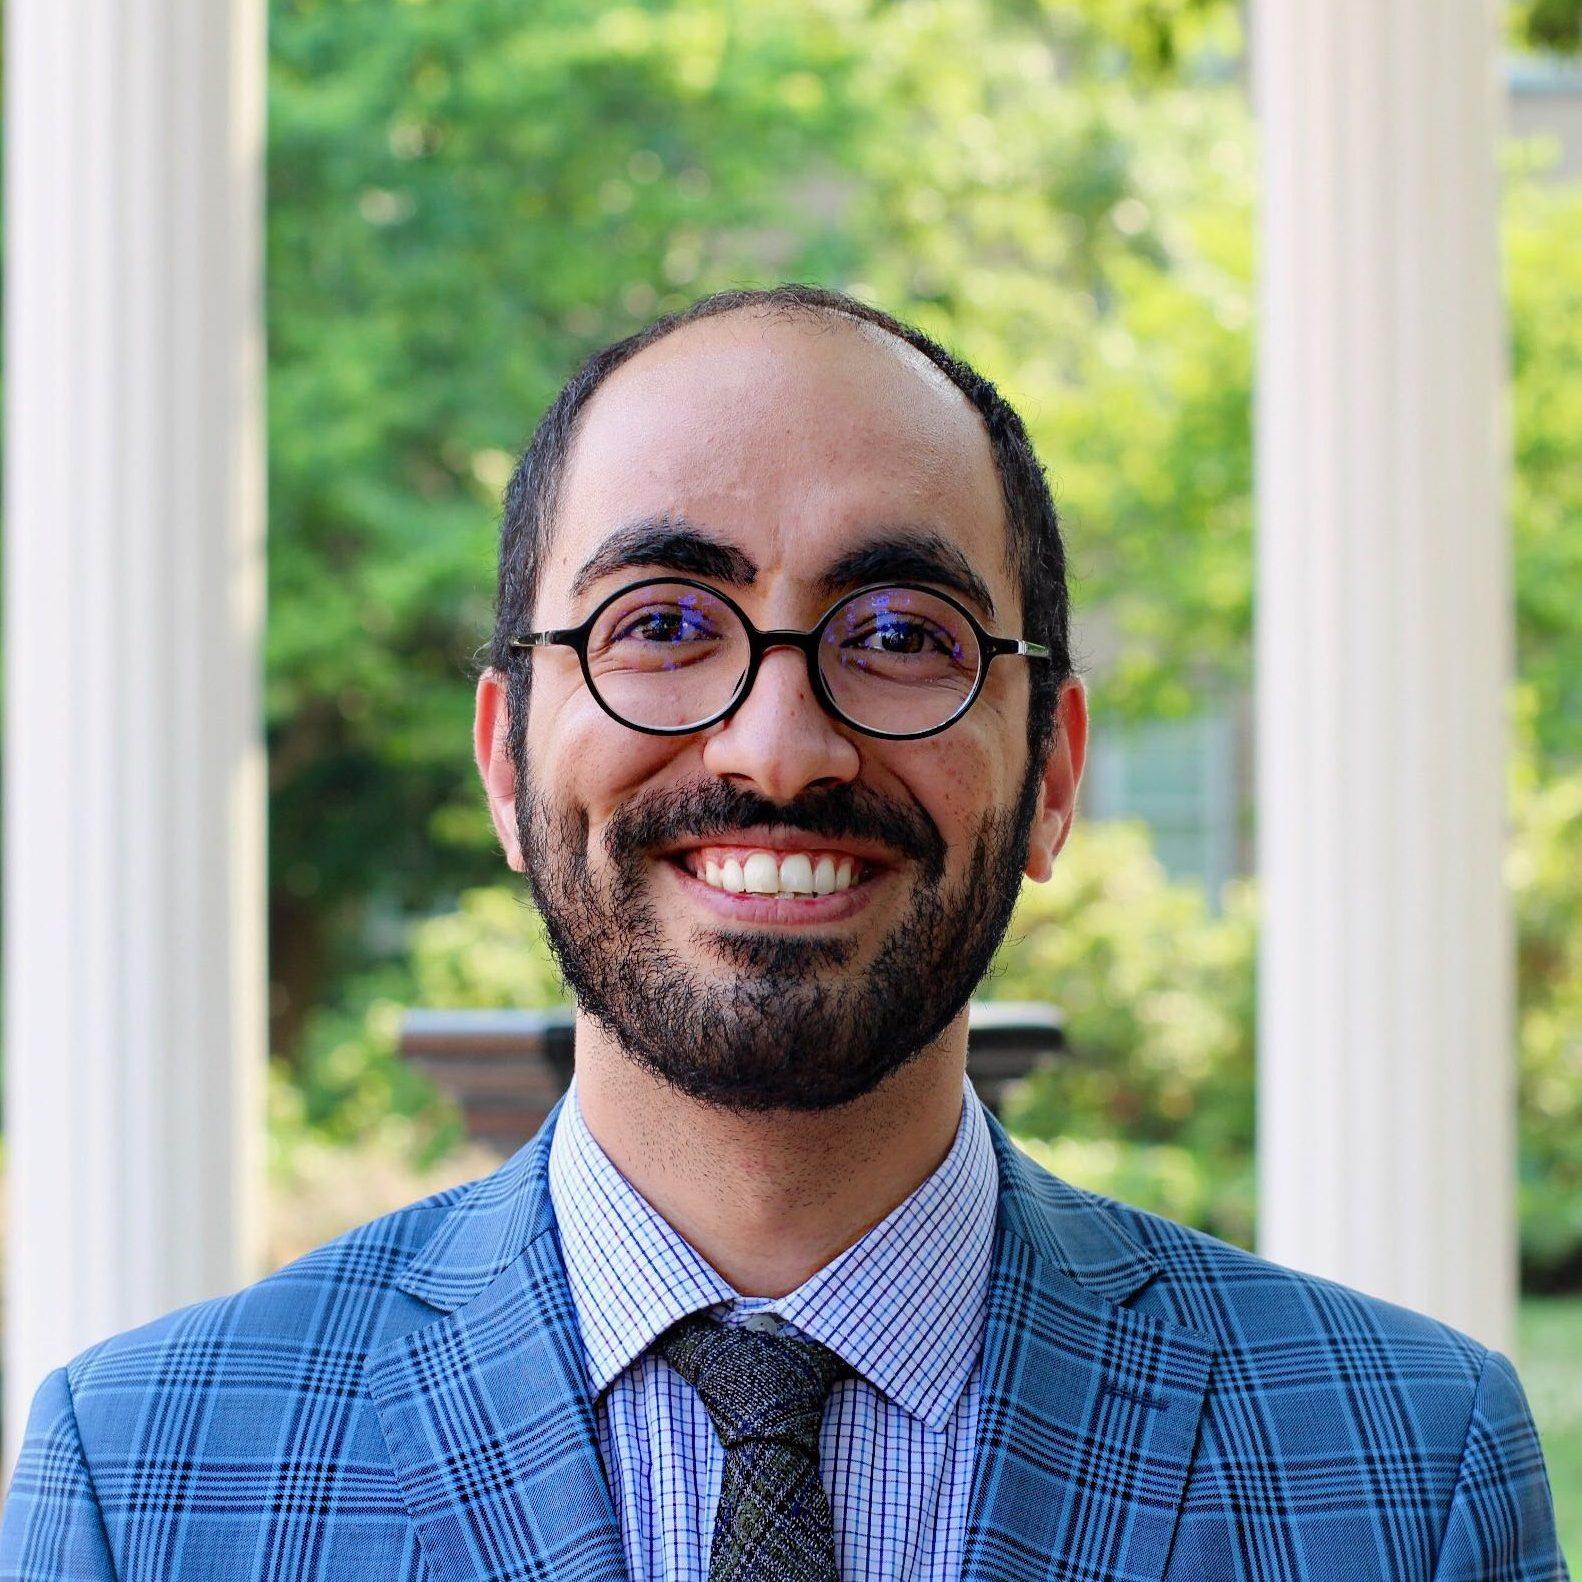 M. Hossein